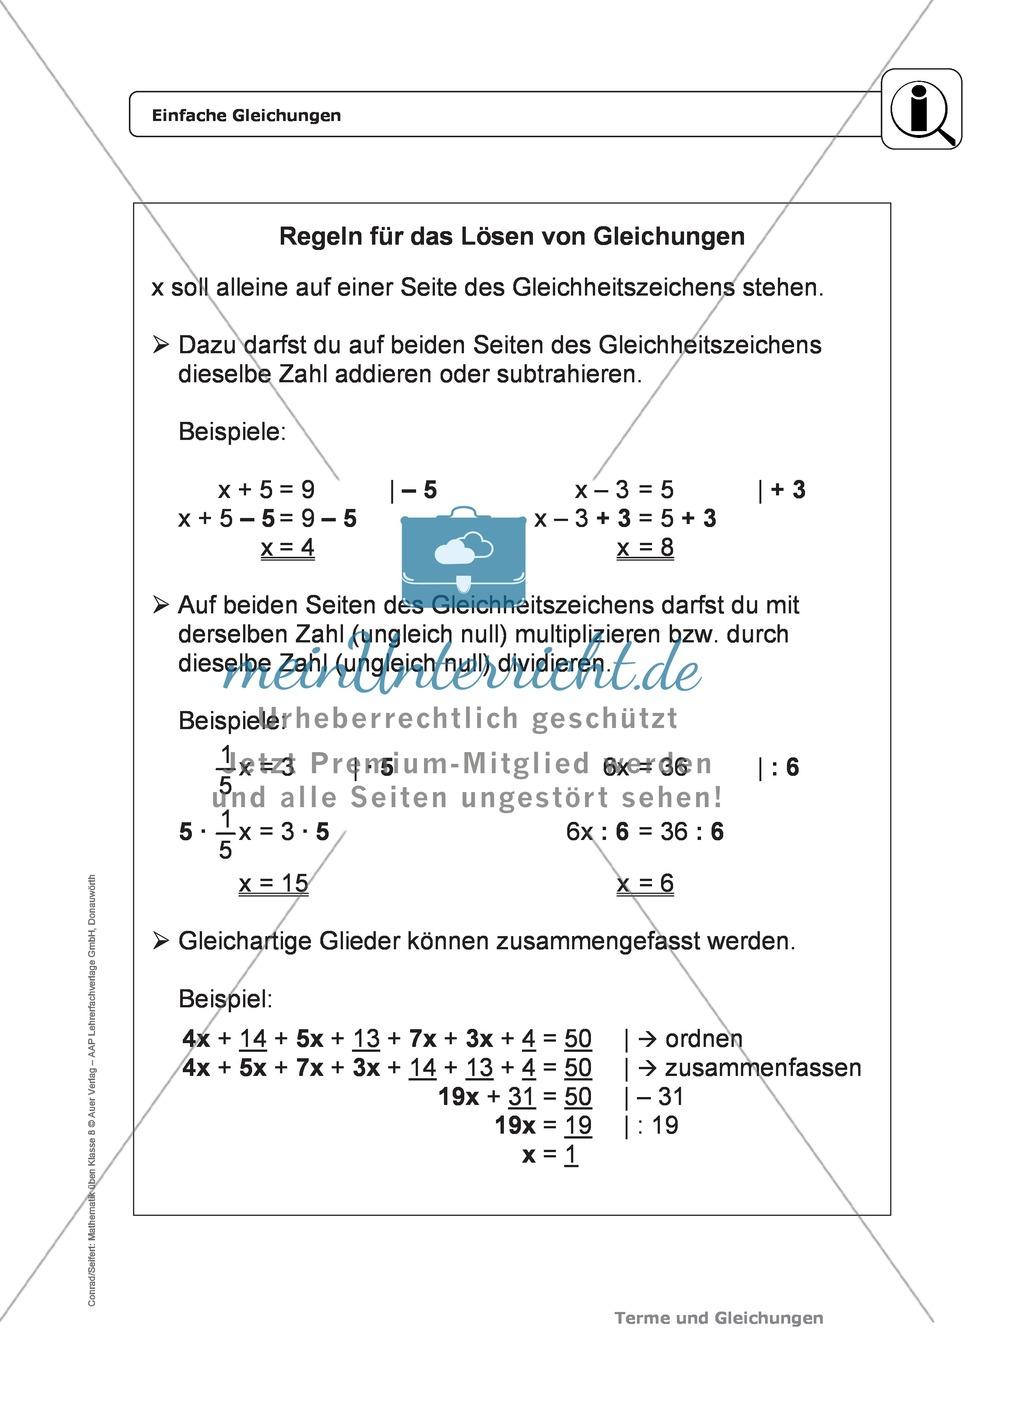 Perfect Einfache Gleichungen Arbeitsblatt Image Collection ...